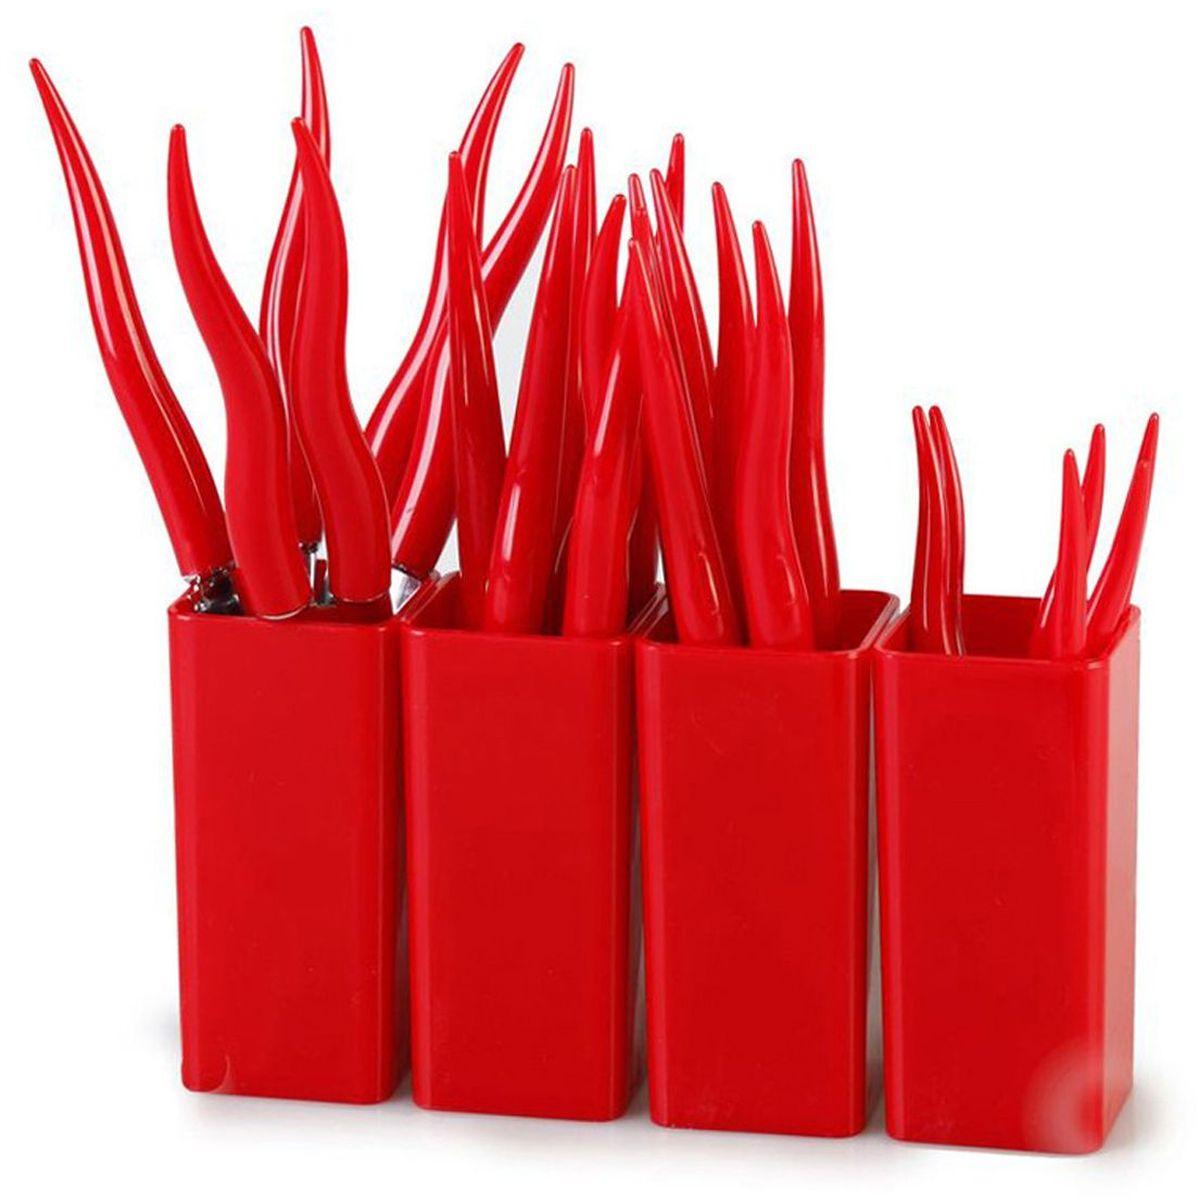 Набор столовых приборов MOULINvilla Chili, цвет: красный, 24 предметаTUL-24RНабор MOULINvilla Chili состоит из 6 вилок, 6 ножей, 6 столовых ложек, 6 чайных ложек, 4 подставок, выполненных из нержавеющей стали. Рукоятки столовых приборов изготовлены из высокопрочного пластика. Сервировка праздничного стола таким набором станет великолепным украшением любого торжества.